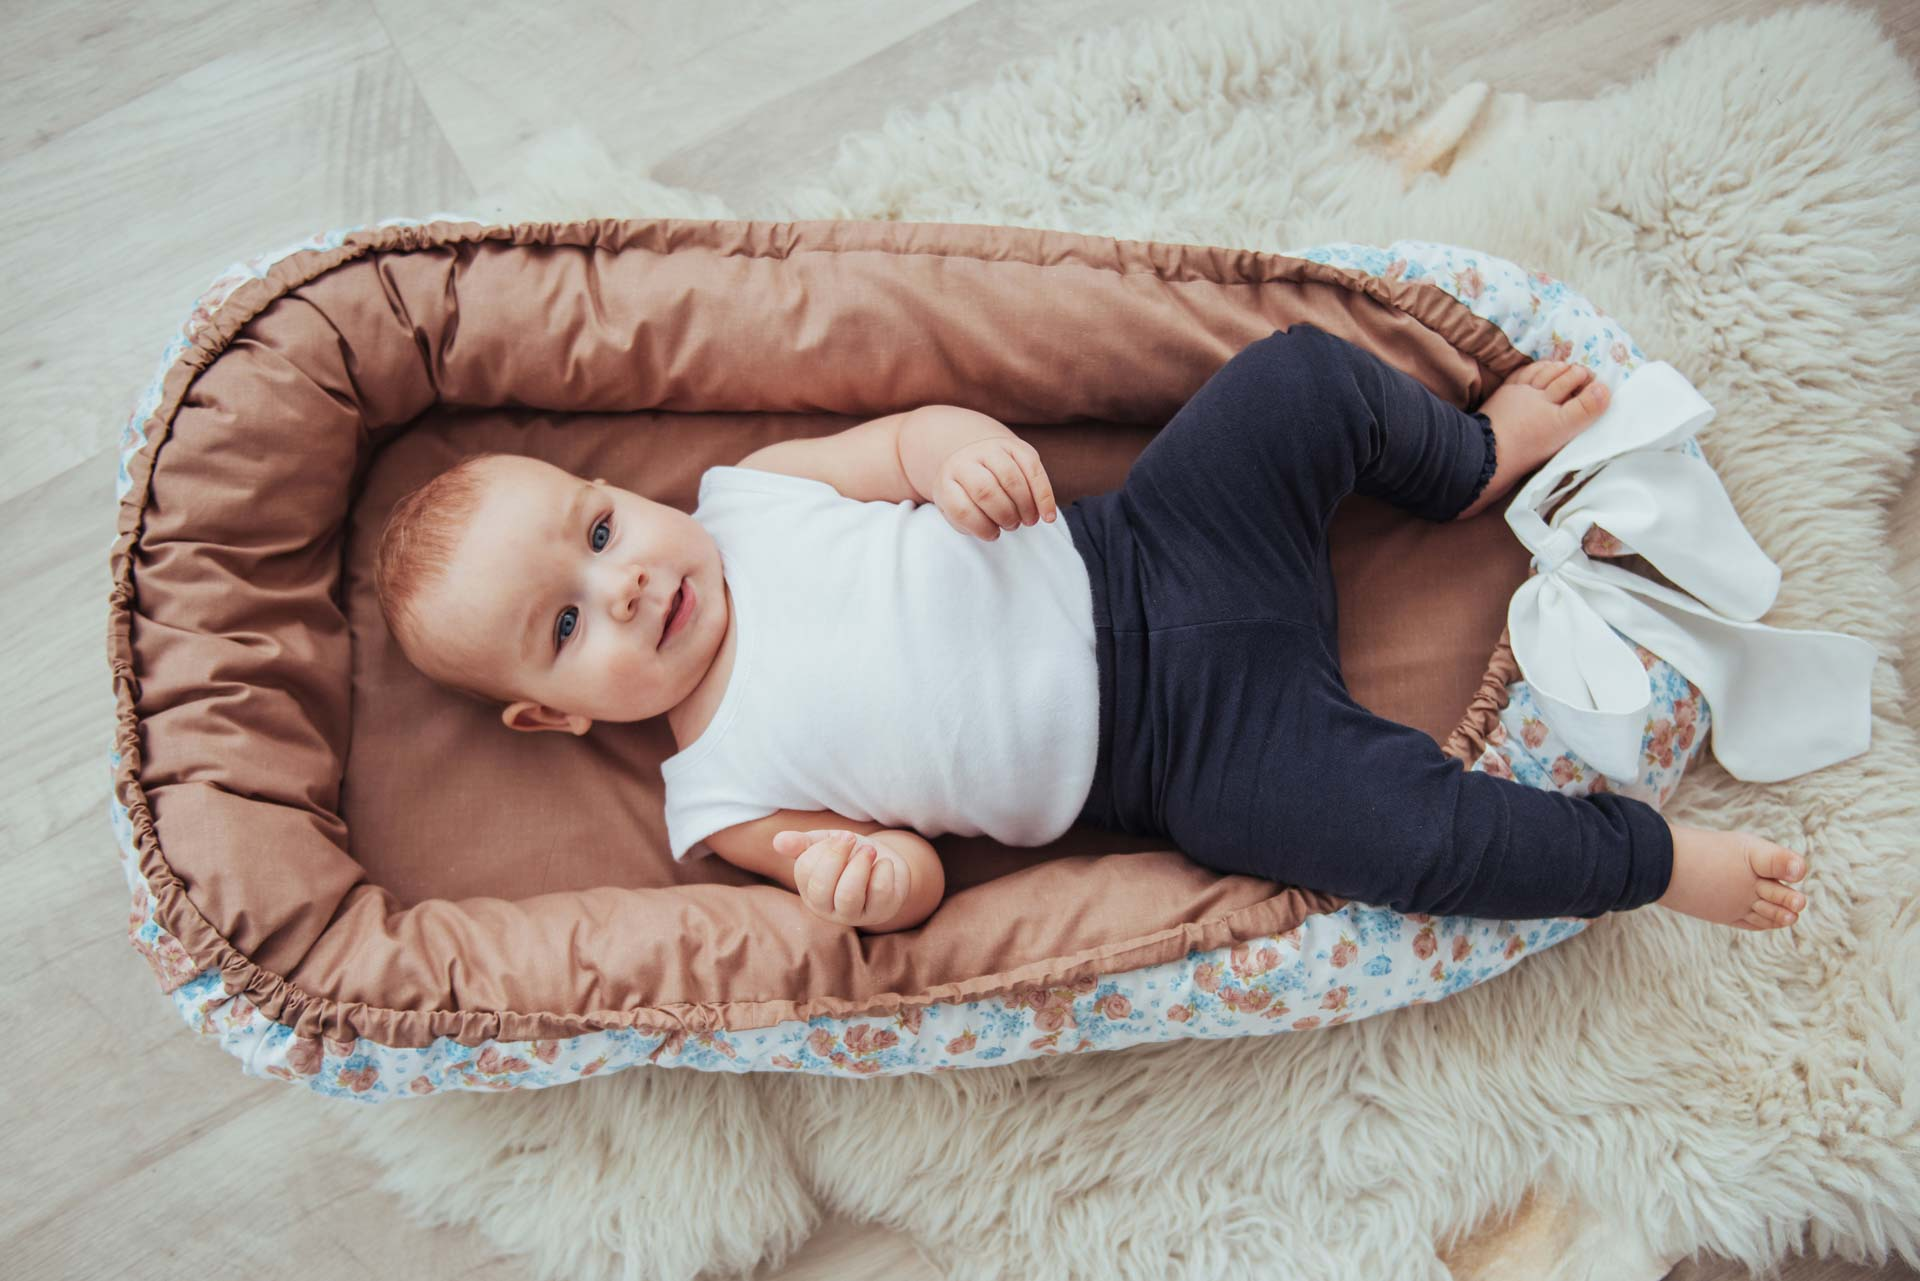 Komplikationen während der Geburt